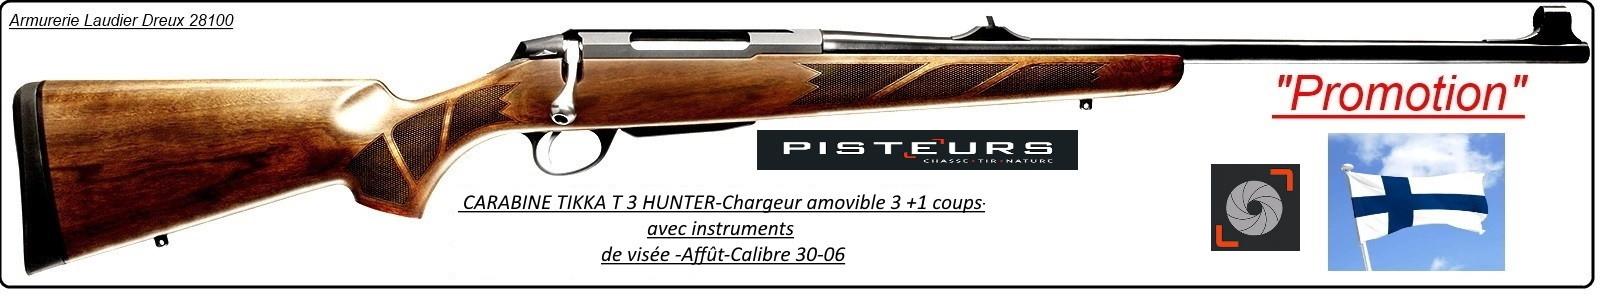 Carabine  Tikka T3 Hunter Répétition-AFFUT-Avec organes de visée -Cal 30-06-Promotion-Ref 21388